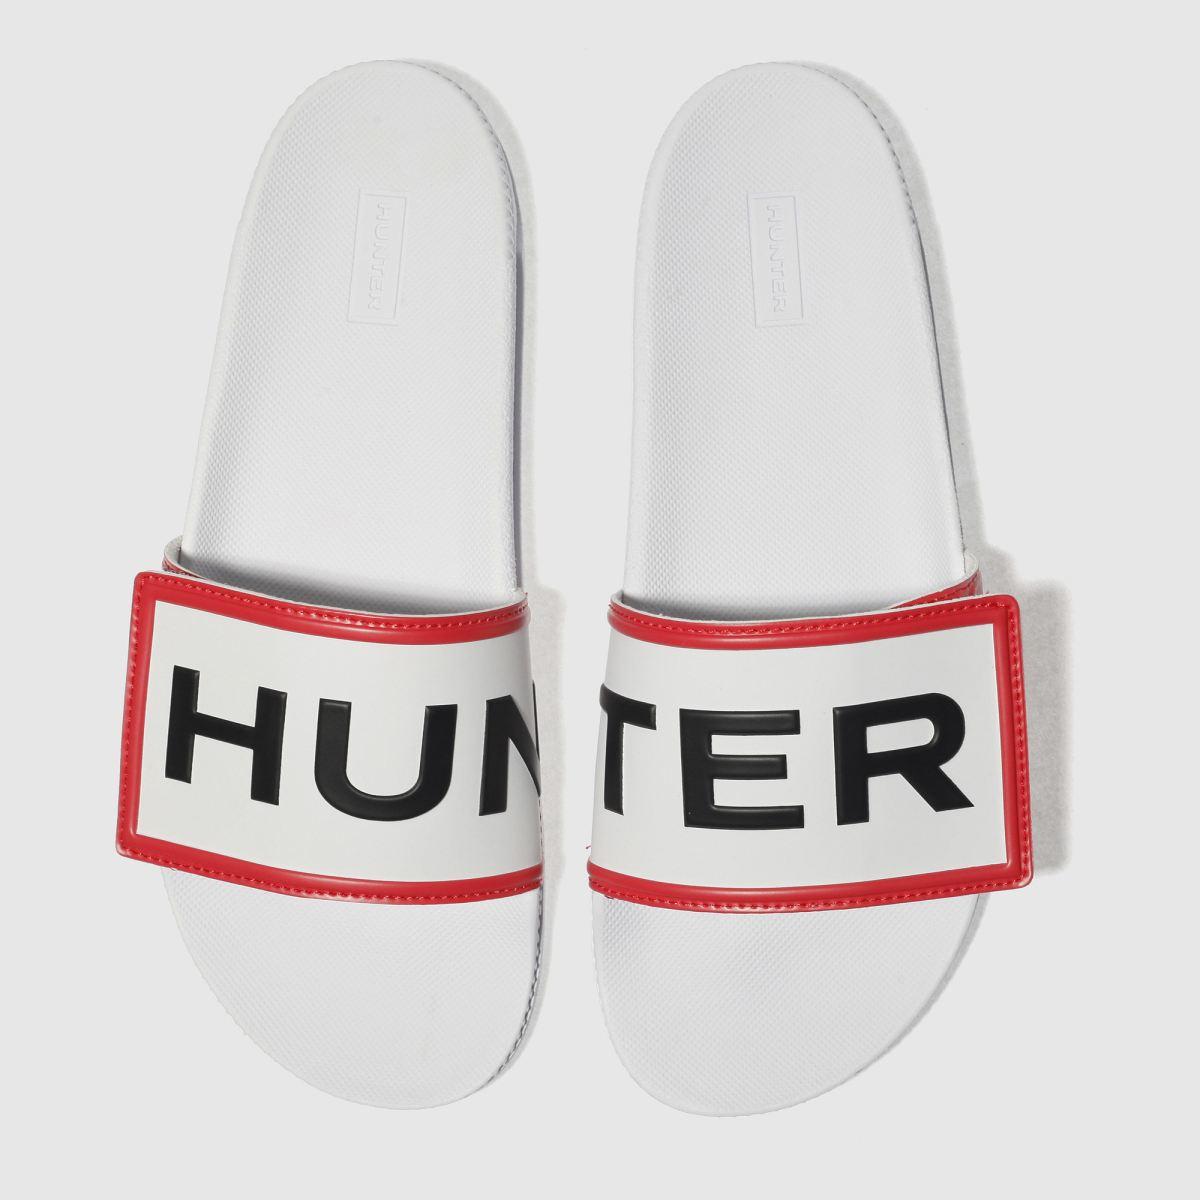 Hunter White Adjustable Logo Slide Sandals